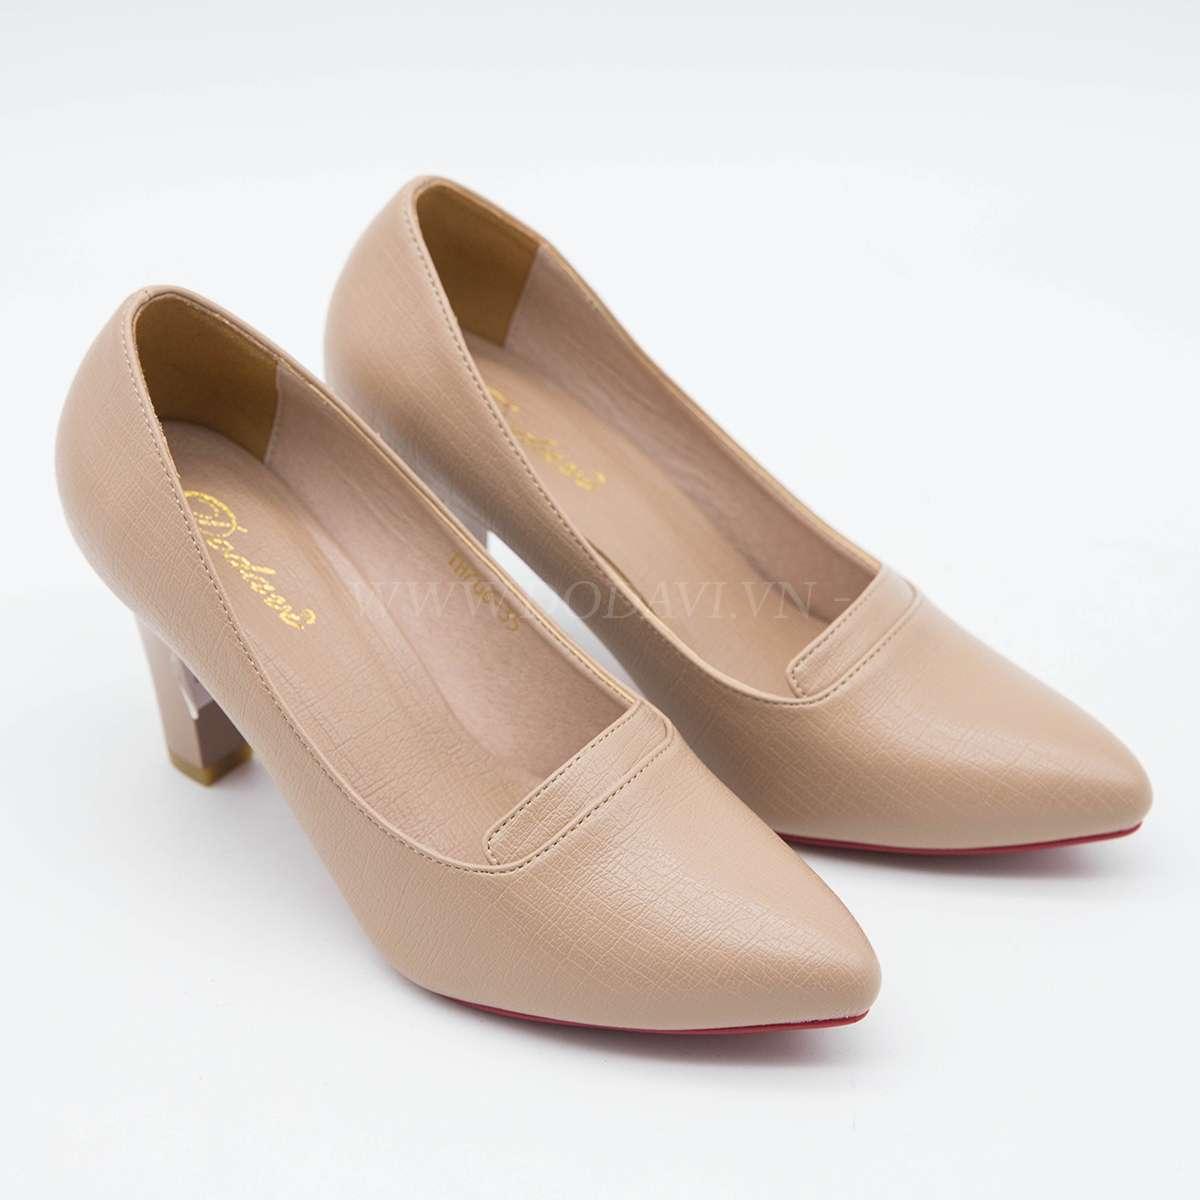 giày nữ TH706